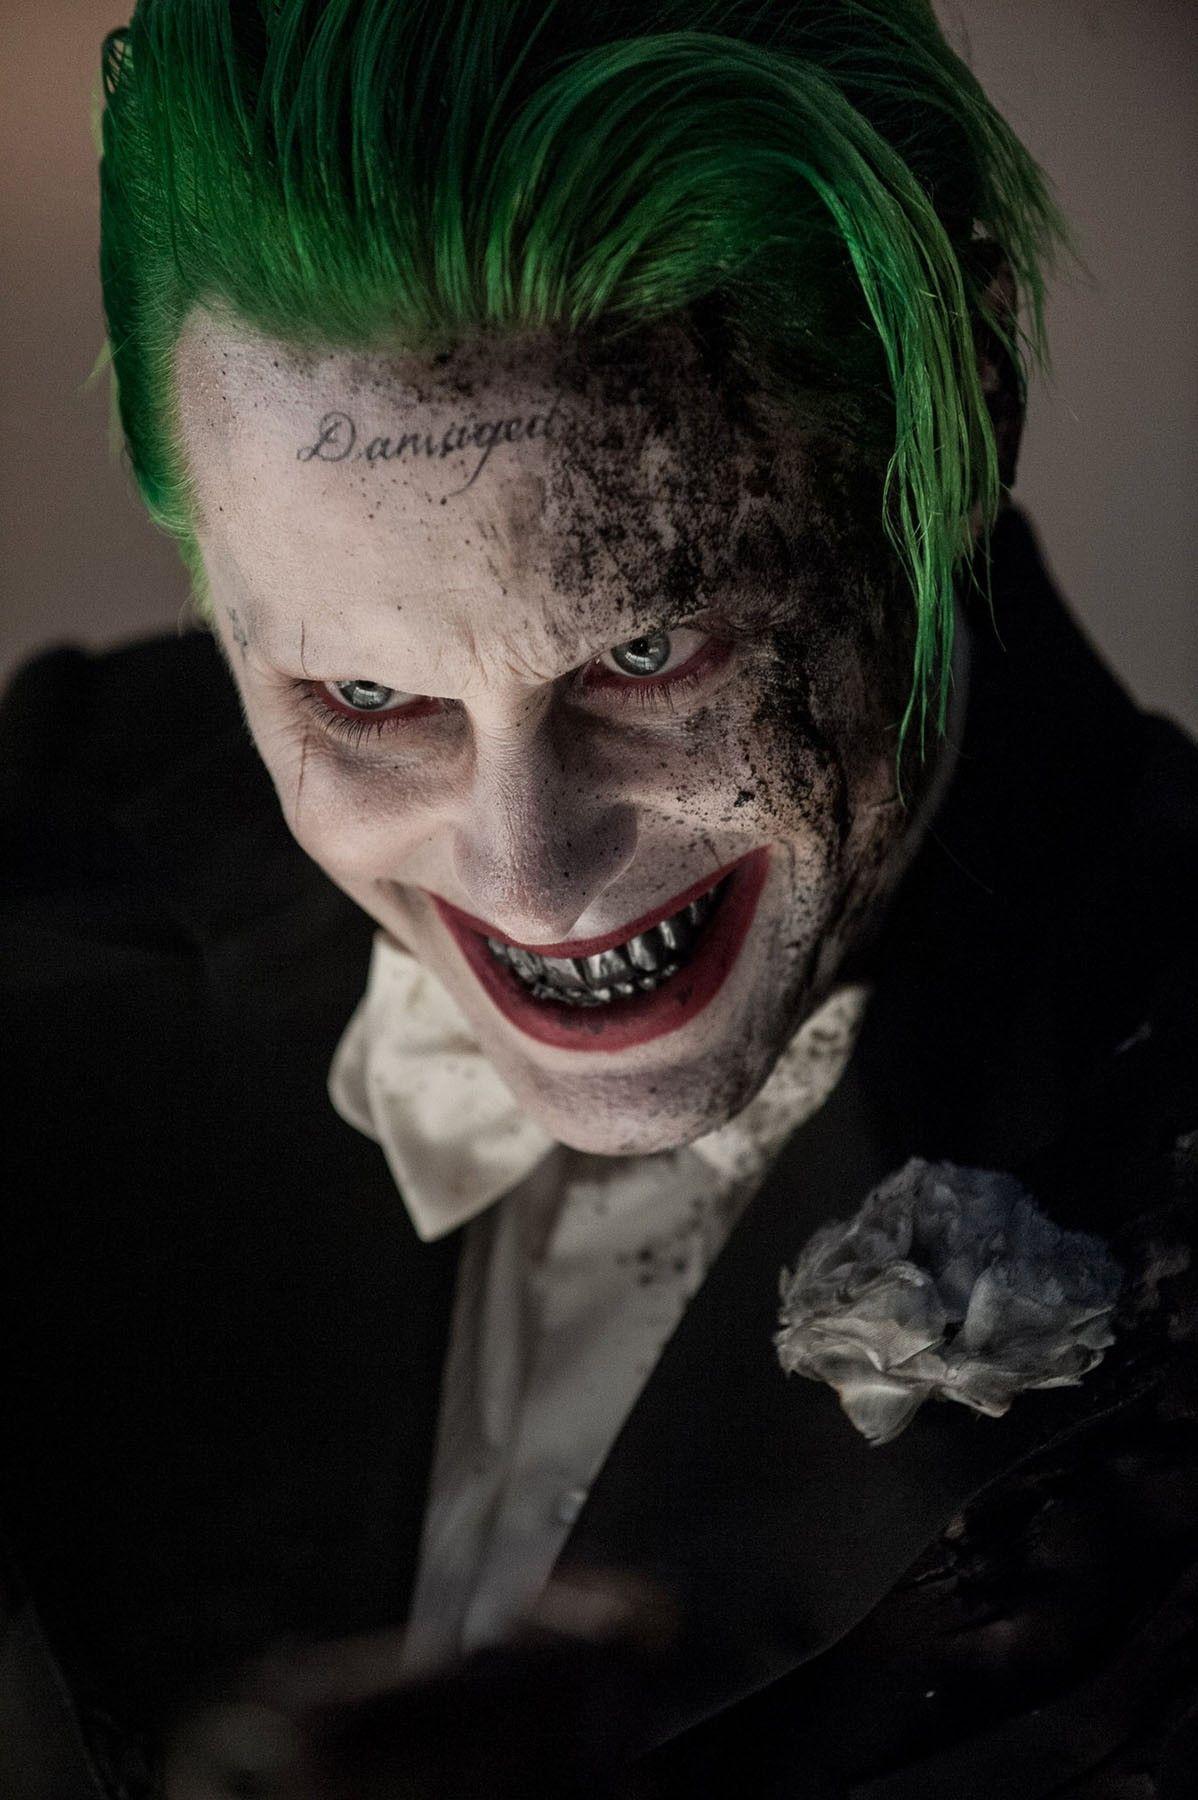 Joker Art Image By Anthony Deleon Joker Tumblr Leto Joker